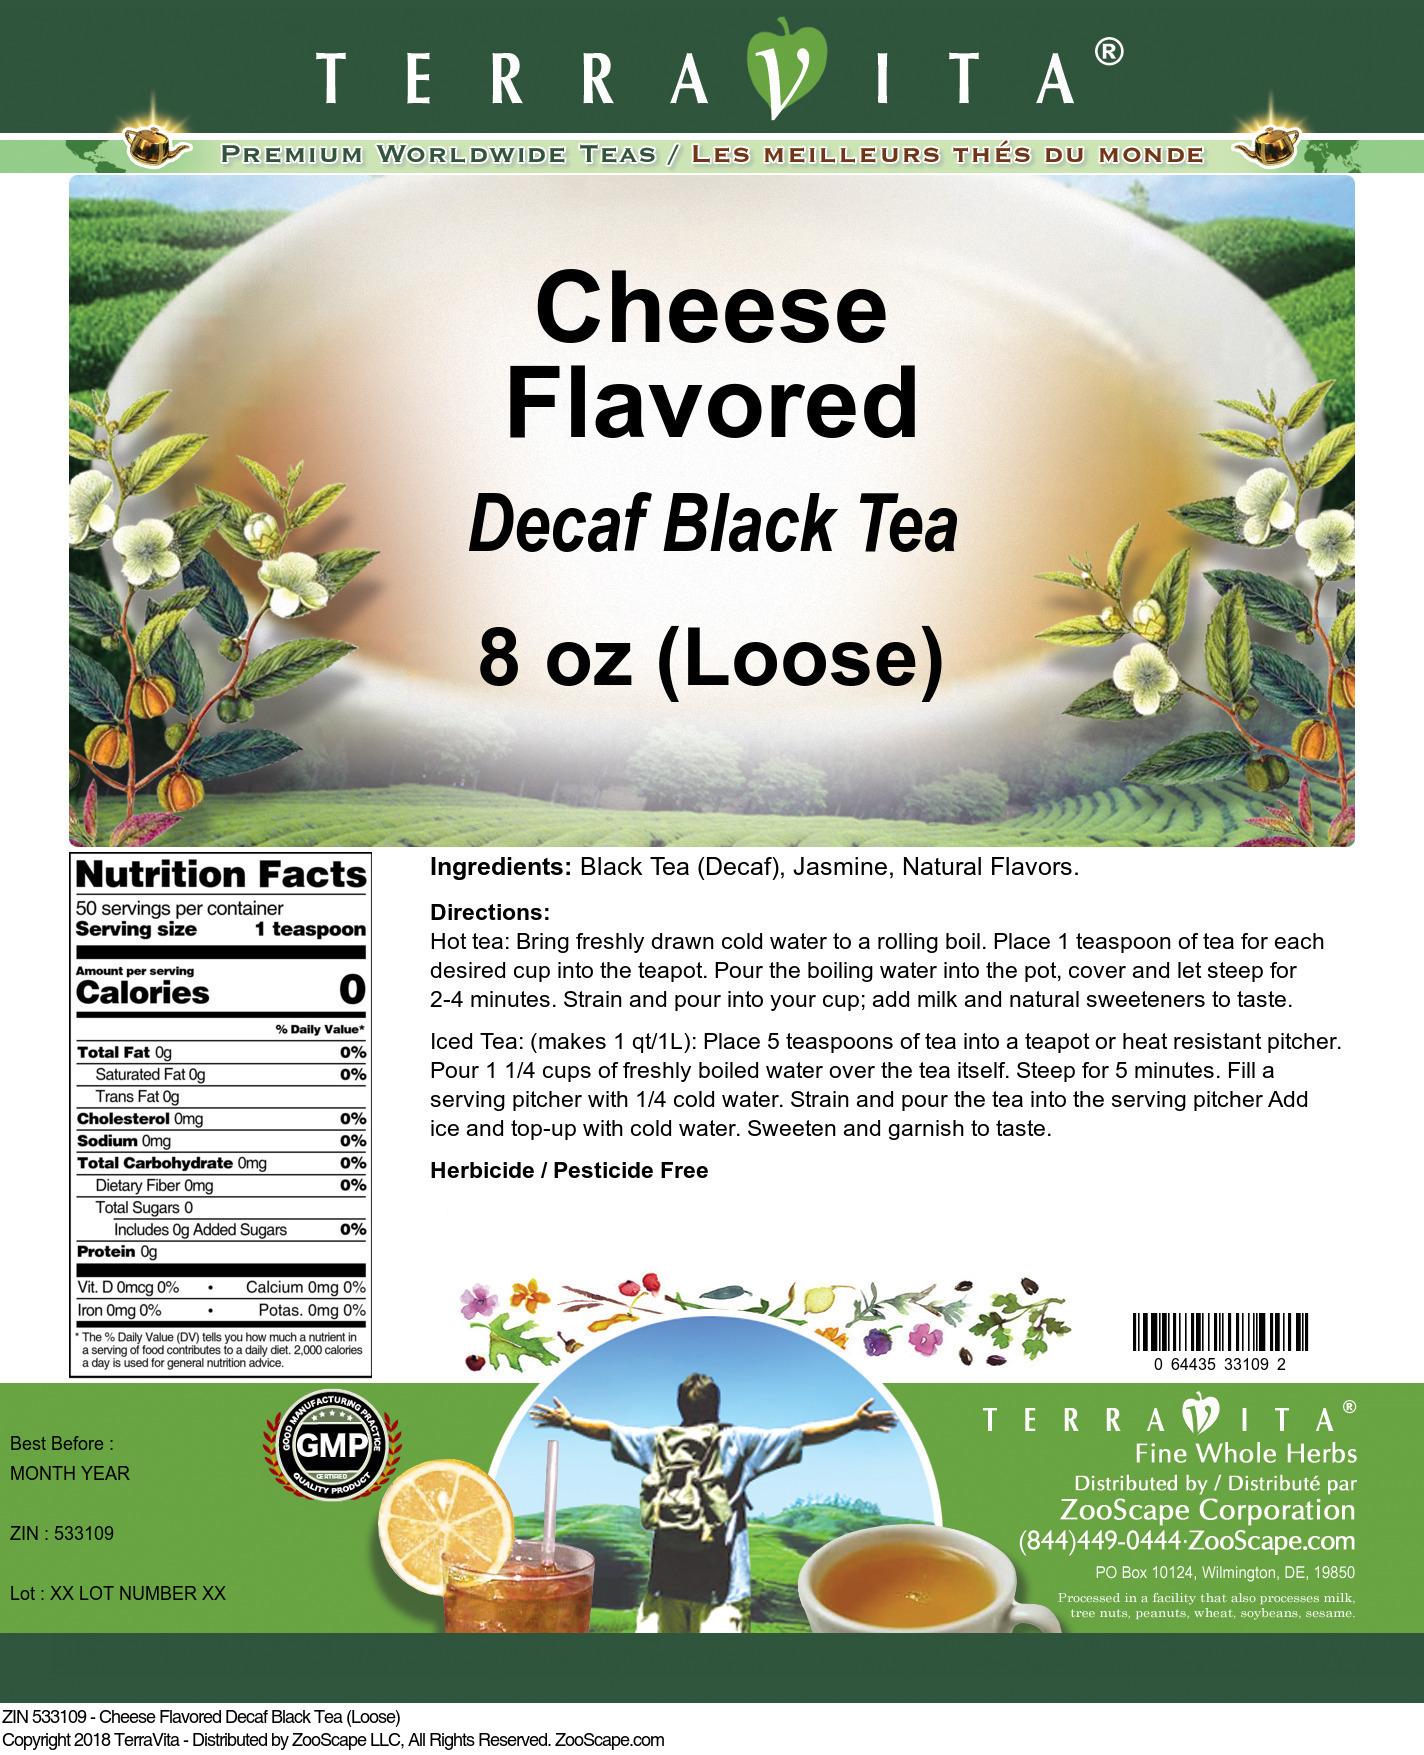 Cheese Flavored Decaf Black Tea (Loose)